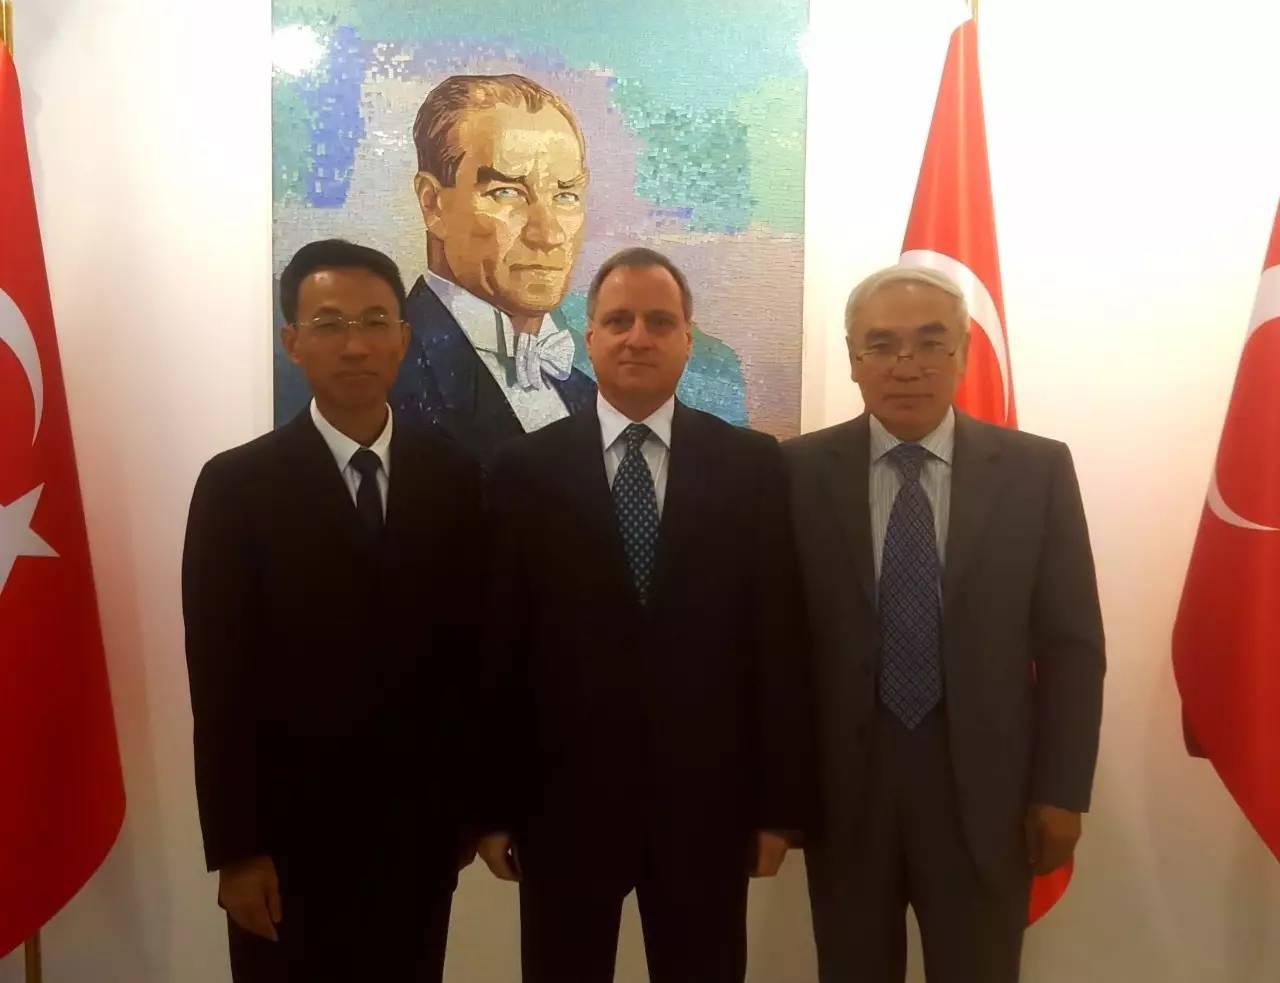 中国政府叙利亚问题特使解晓岩访问土耳其